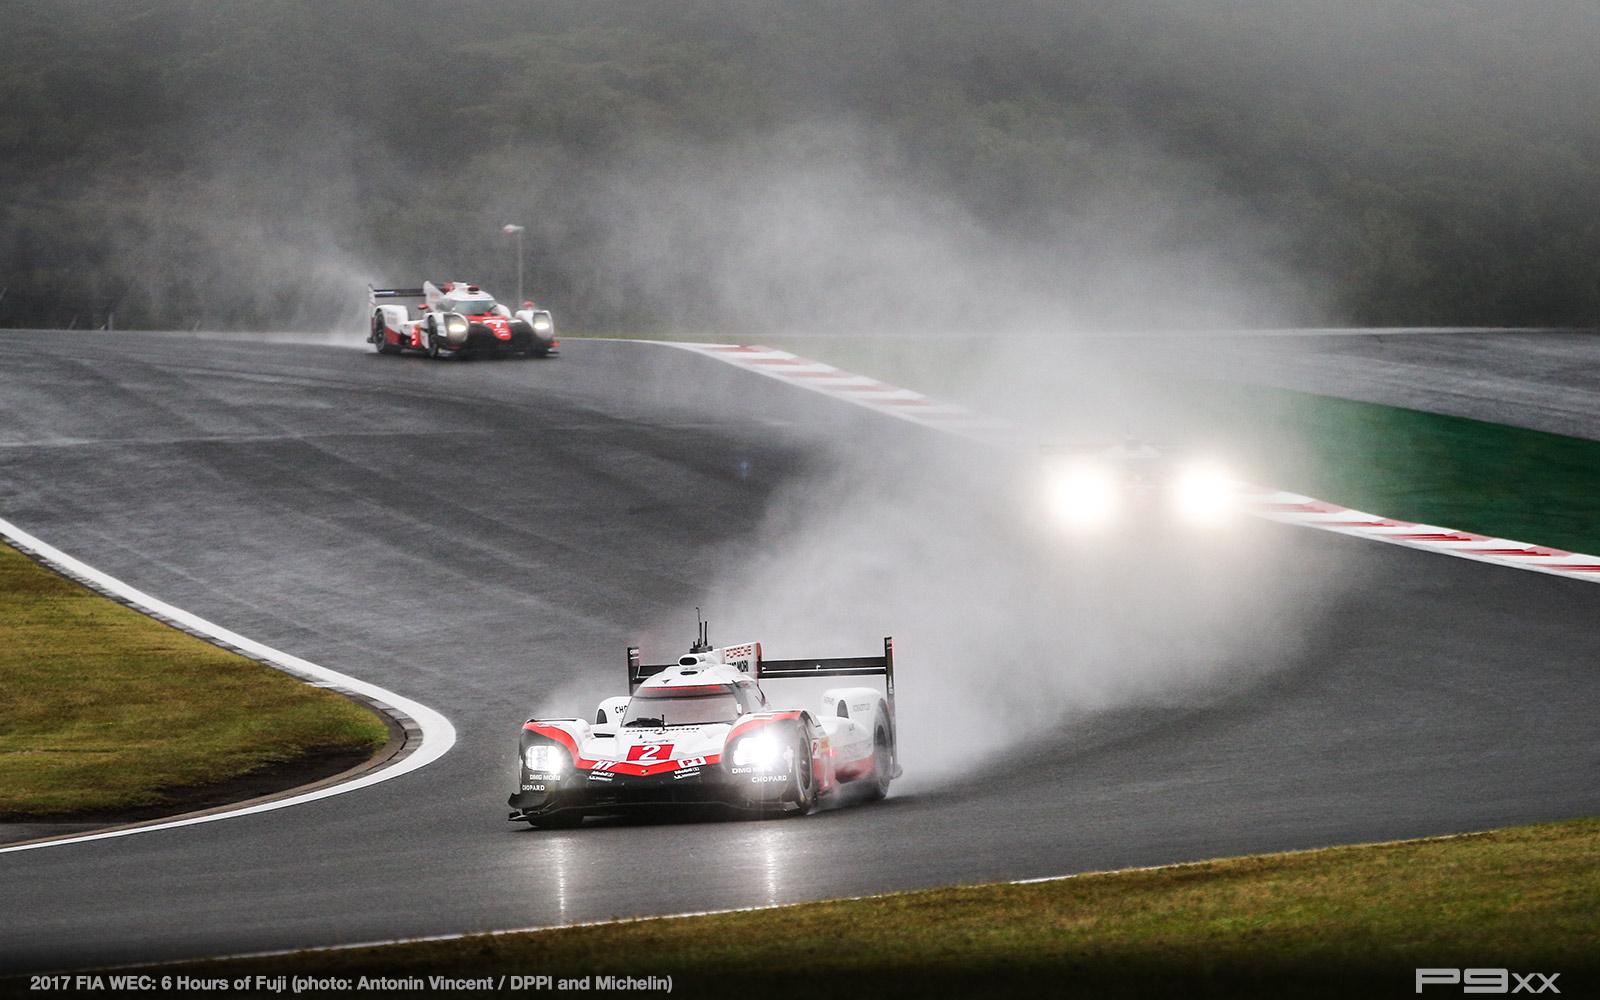 2017-FIA-WEC-6h-of-Fuji-Porsche-Fuji_02117011_3127312